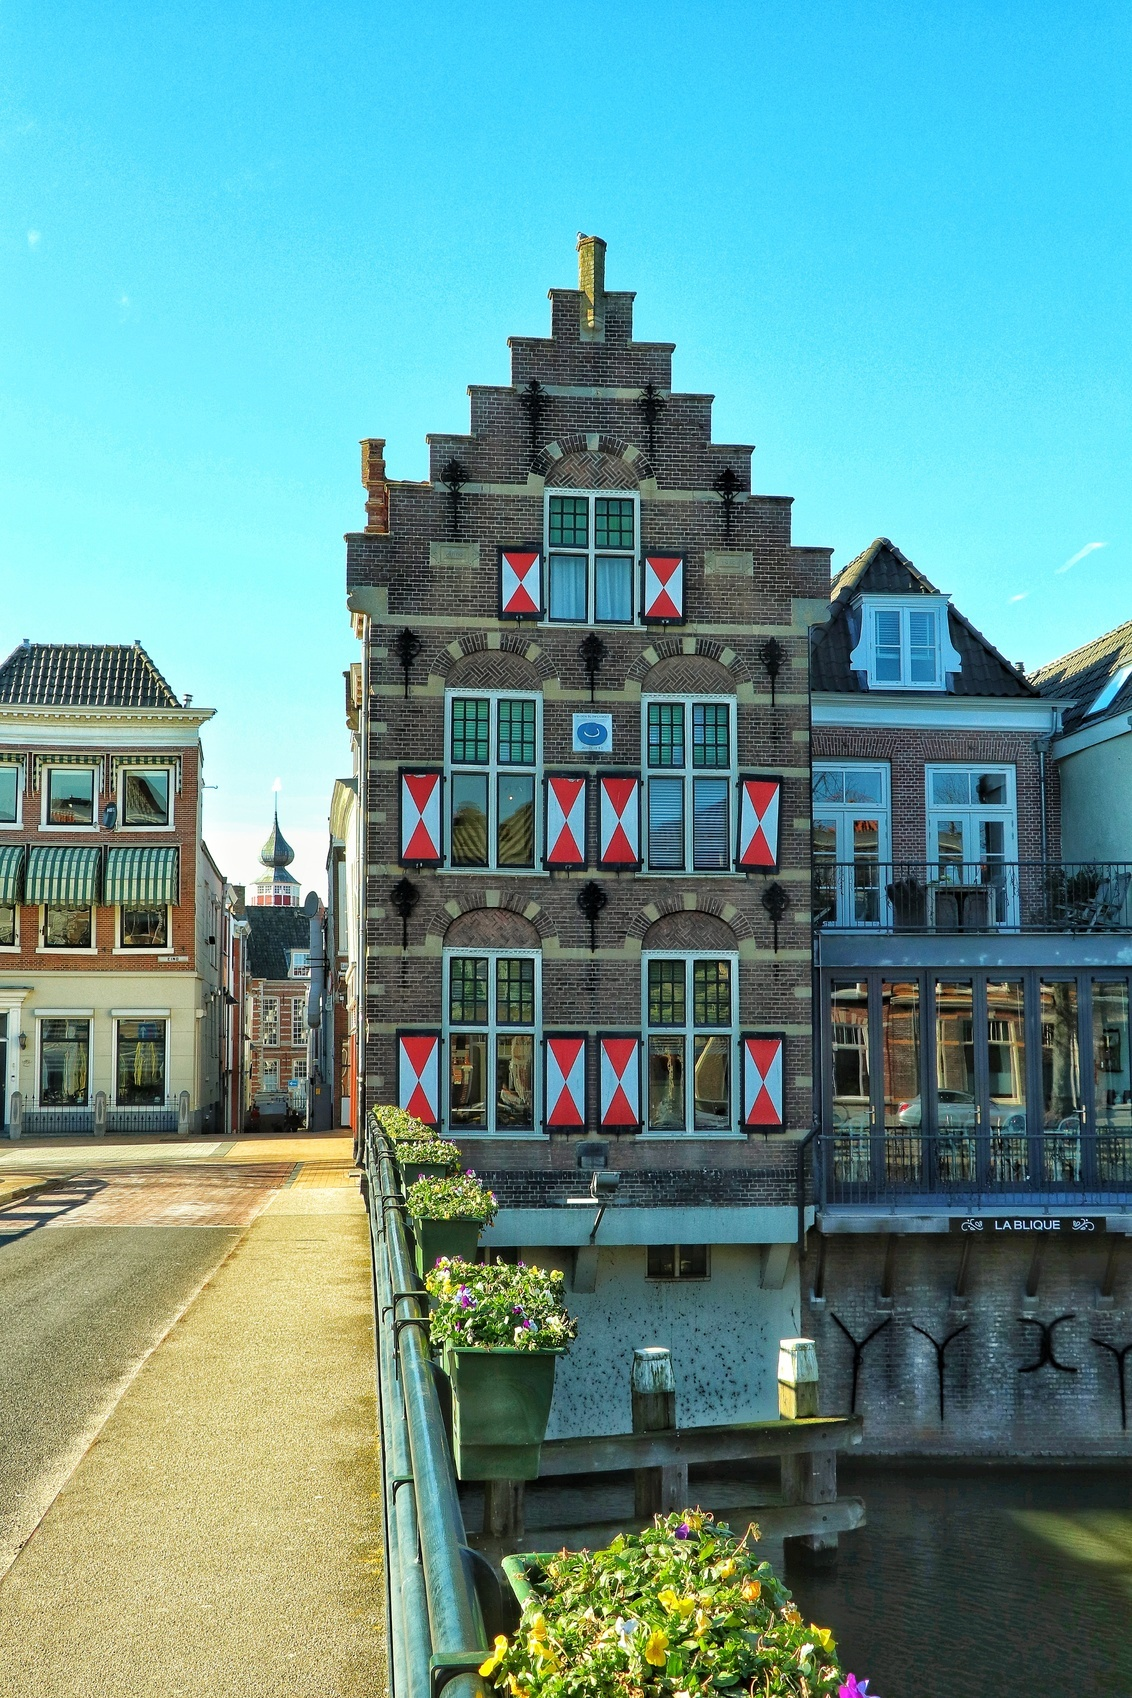 In den Blowen Hoet, Gorinchem - In den Blowen Hoet, het meest gefotografeerde en gefilmde huis van Gorinchem. Zo is dit mooie pand met rood-witte luiken en gevelsteen met blauwe hoe - foto door Leenard op 02-03-2021 - deze foto bevat: stad, huis, straatfotografie, gorinchem, lingehaven